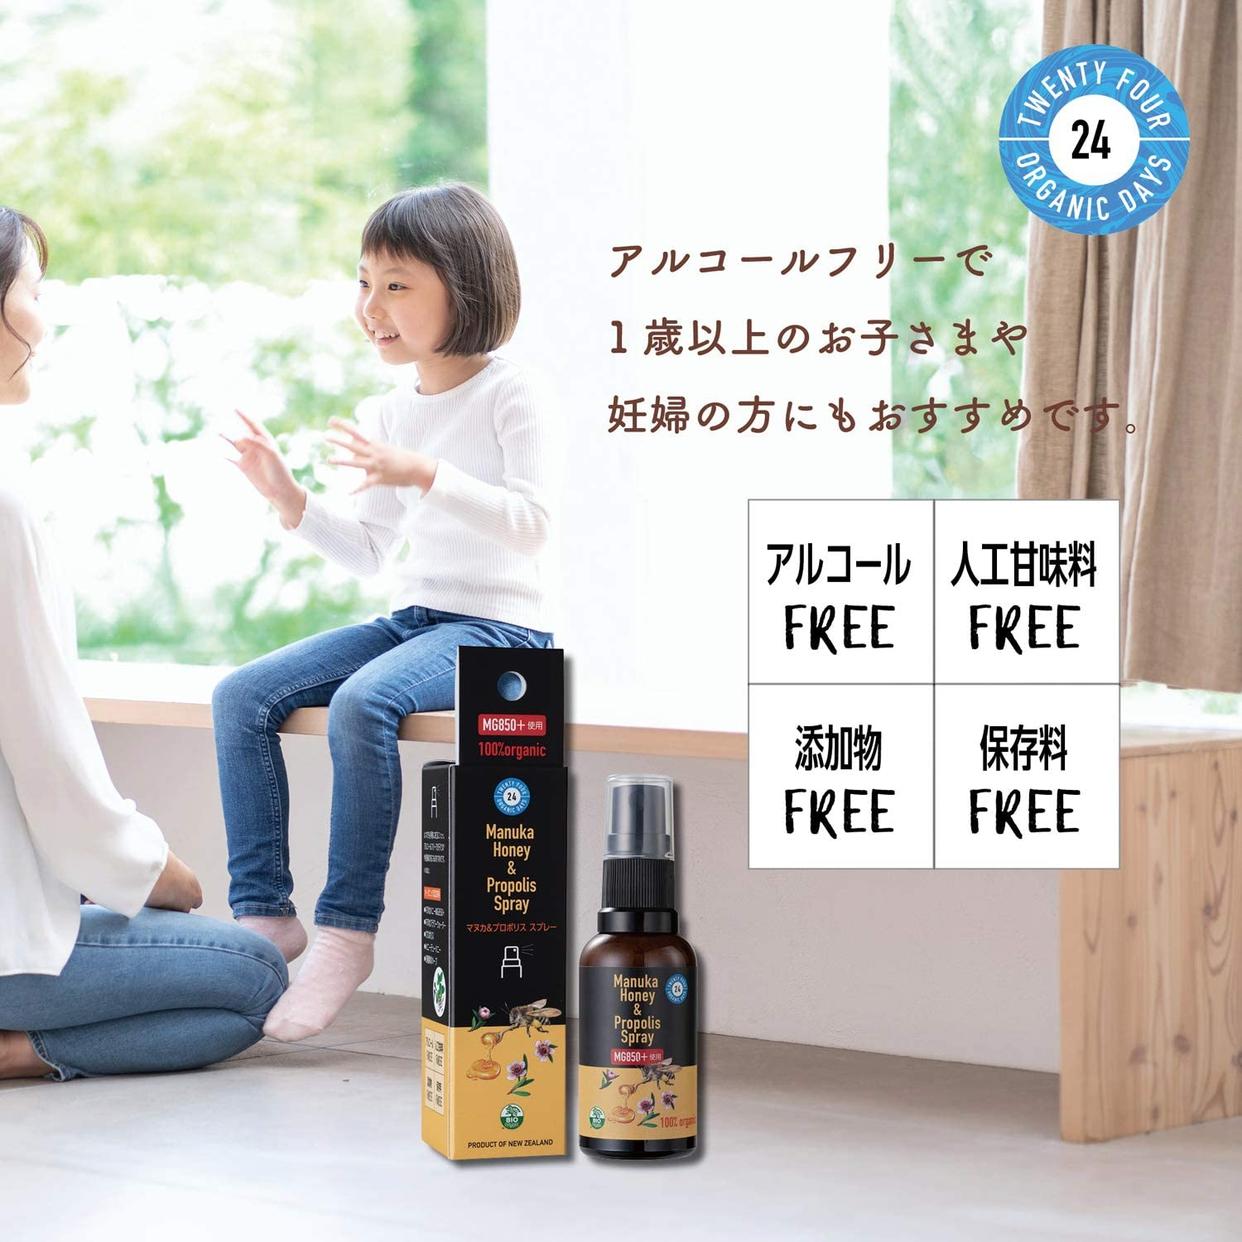 24 Organic Days(24オーガニックデイズ) マヌカハニー&プロポリススプレーの商品画像4